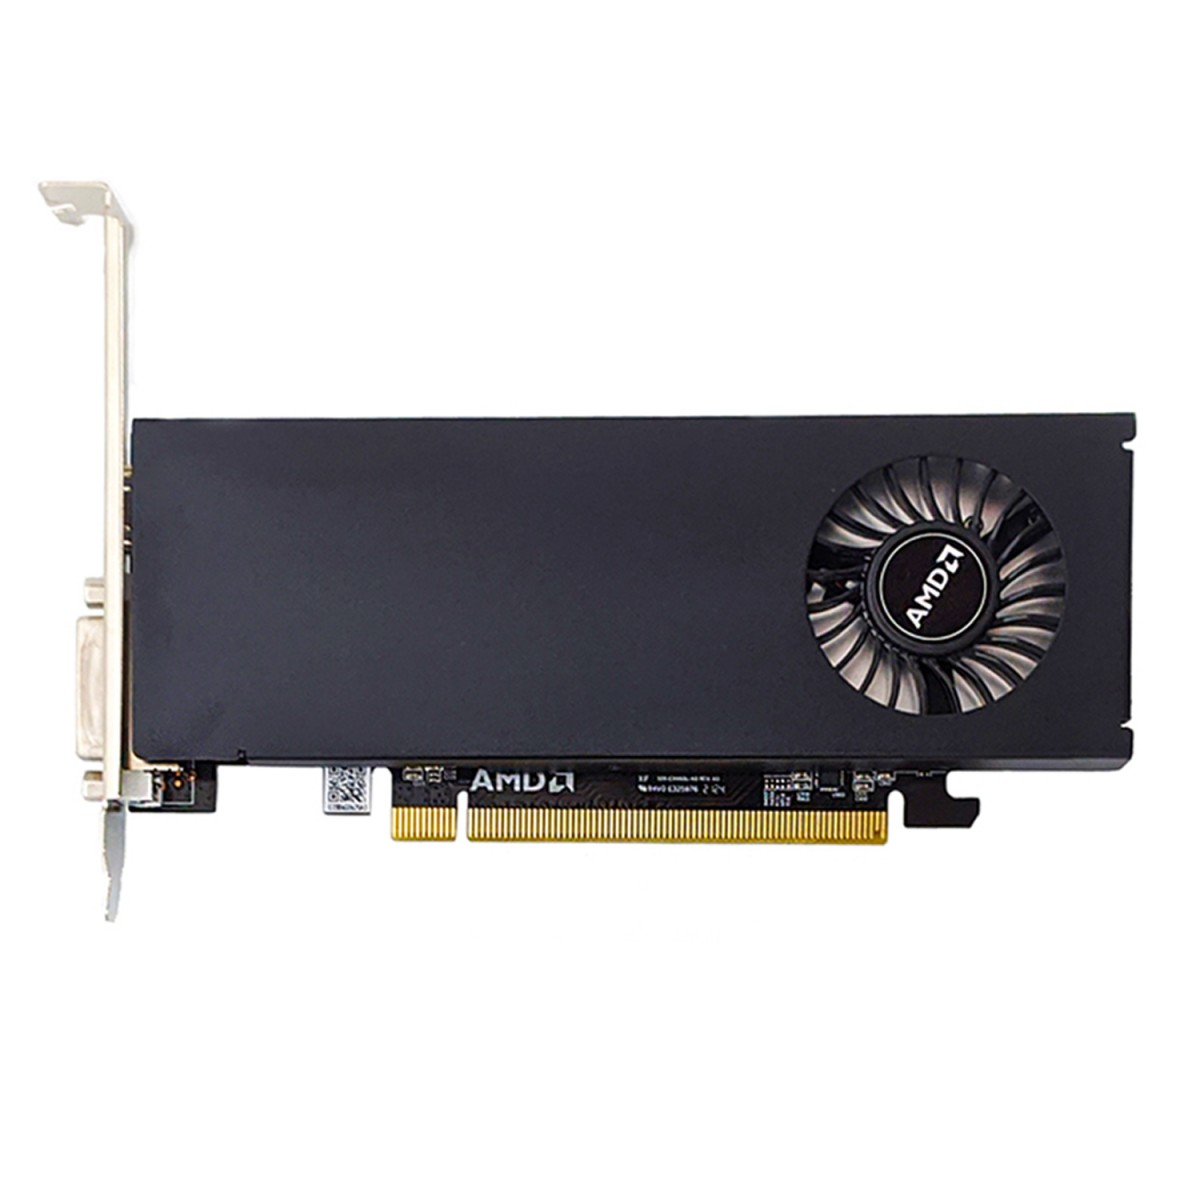 Placa de Vídeo AMD, Radeon, RX 550, 2GB, 64 Bit, AXRX 550 2GBD5-HLEV2